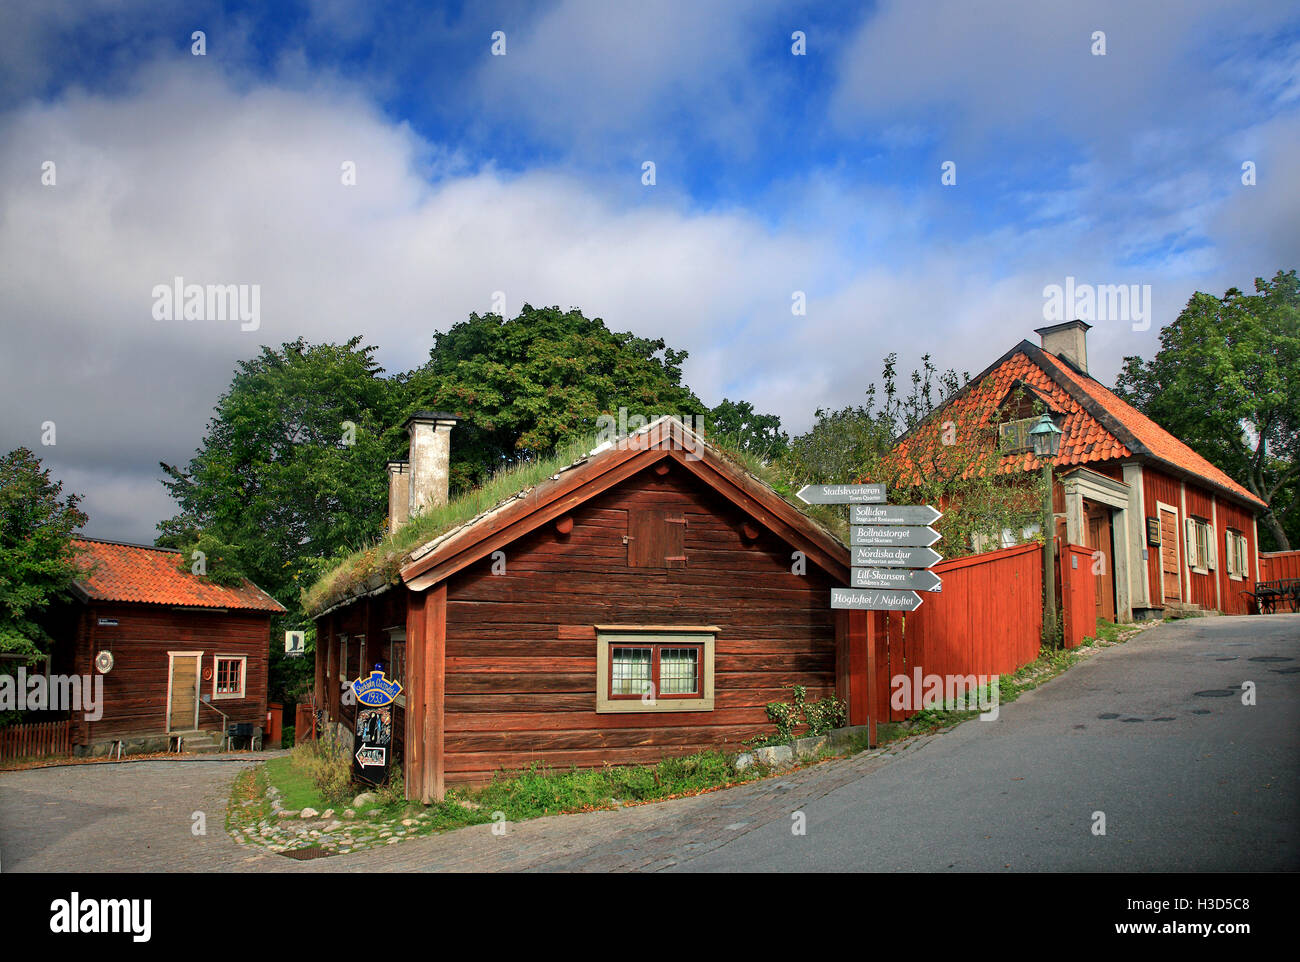 Los 'viejos' tradicional arquitectura sueca en el museo al aire libre Skansen, la isla de Djurgården, Imagen De Stock